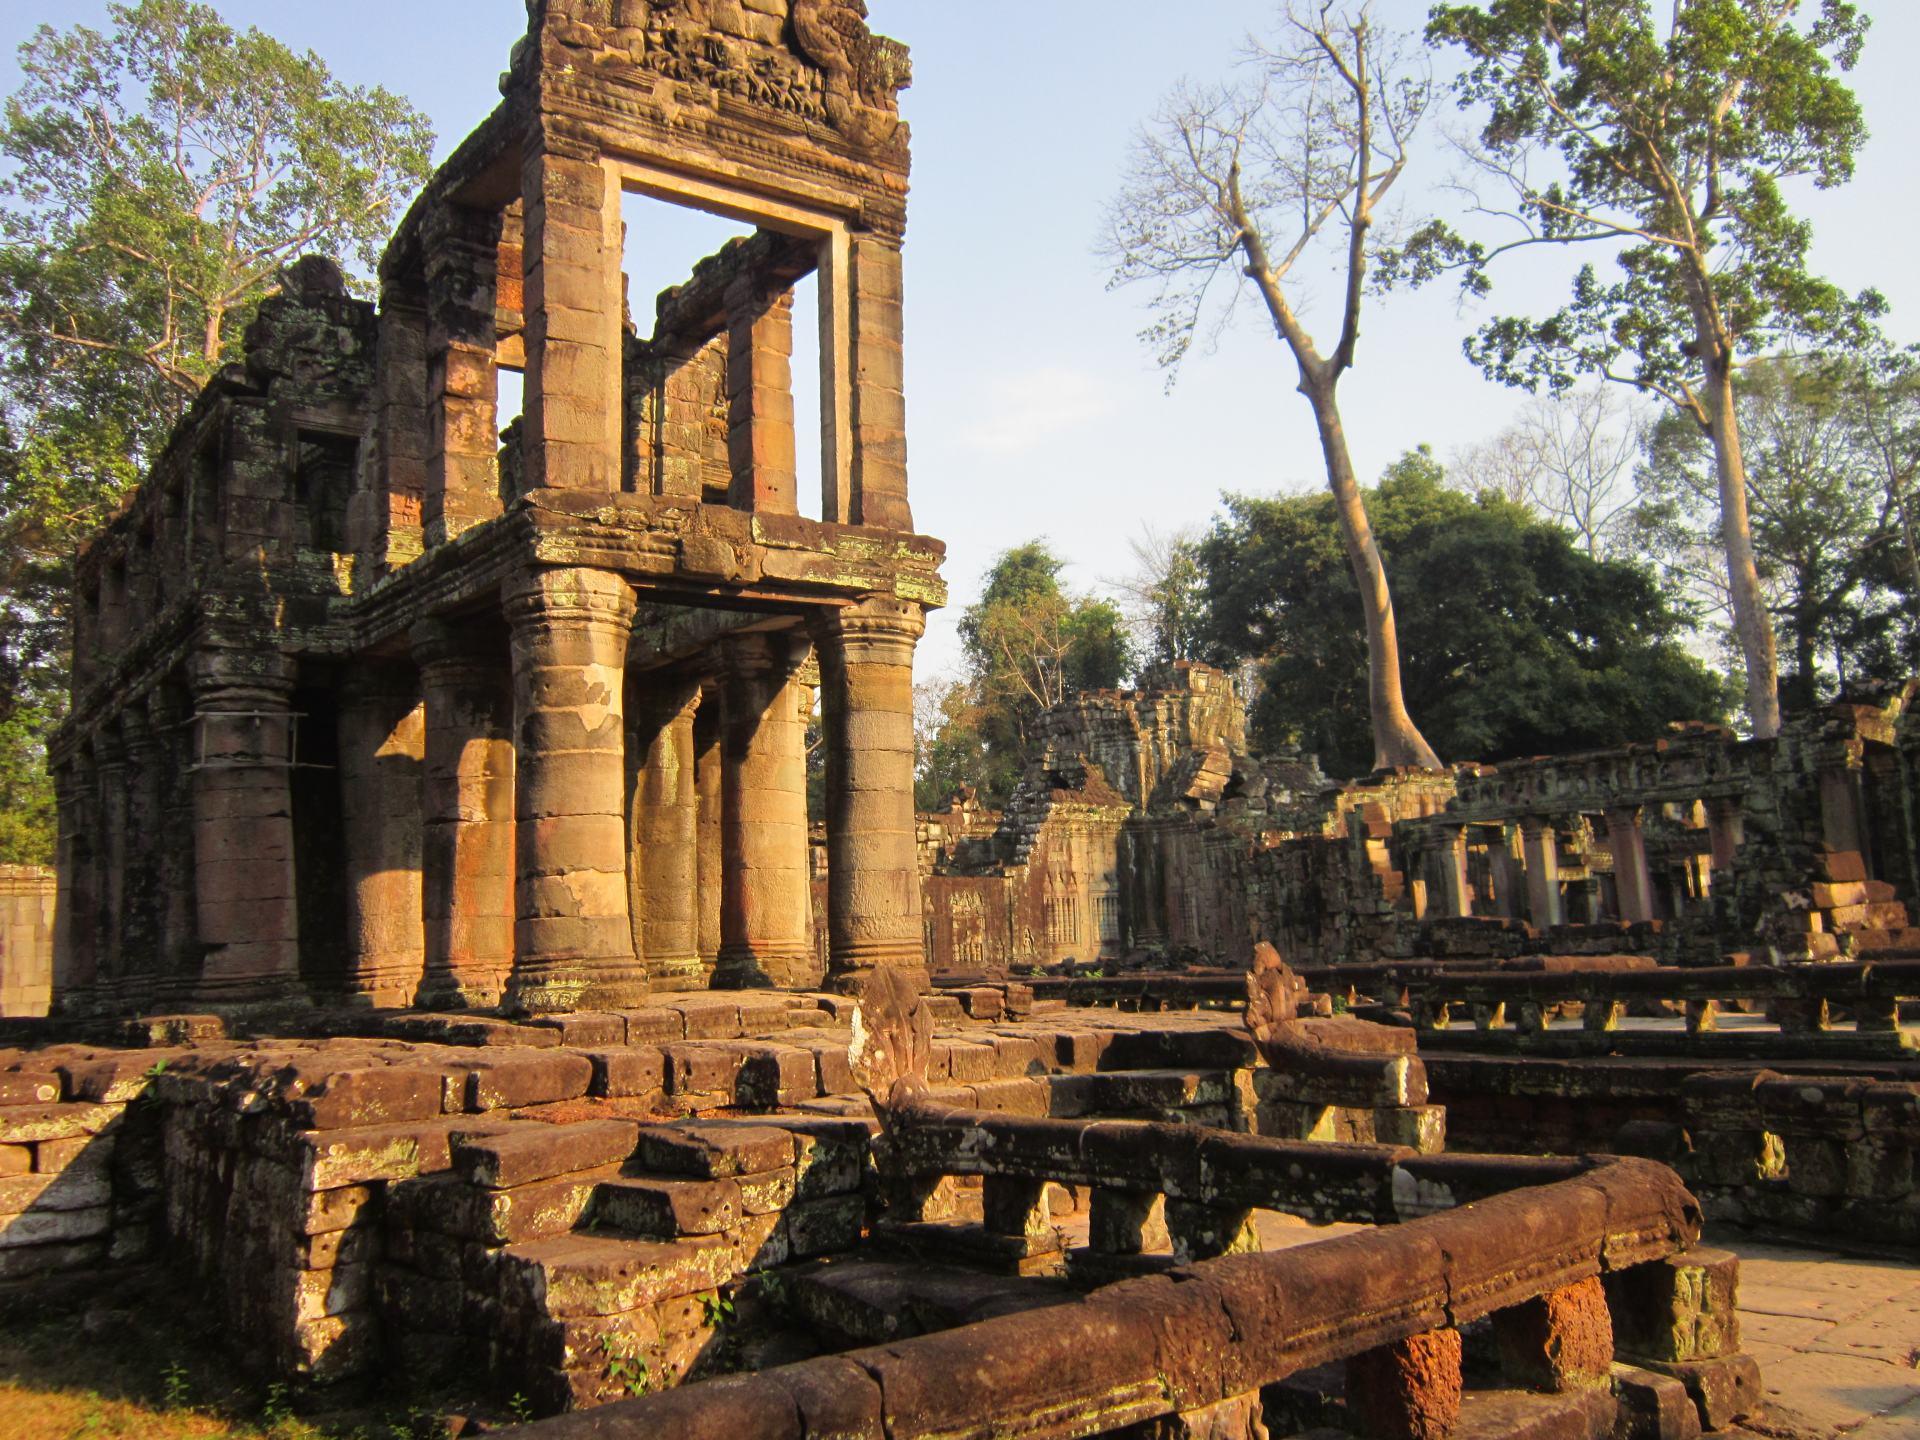 Ruined temples at Preah Khan in Angkor.